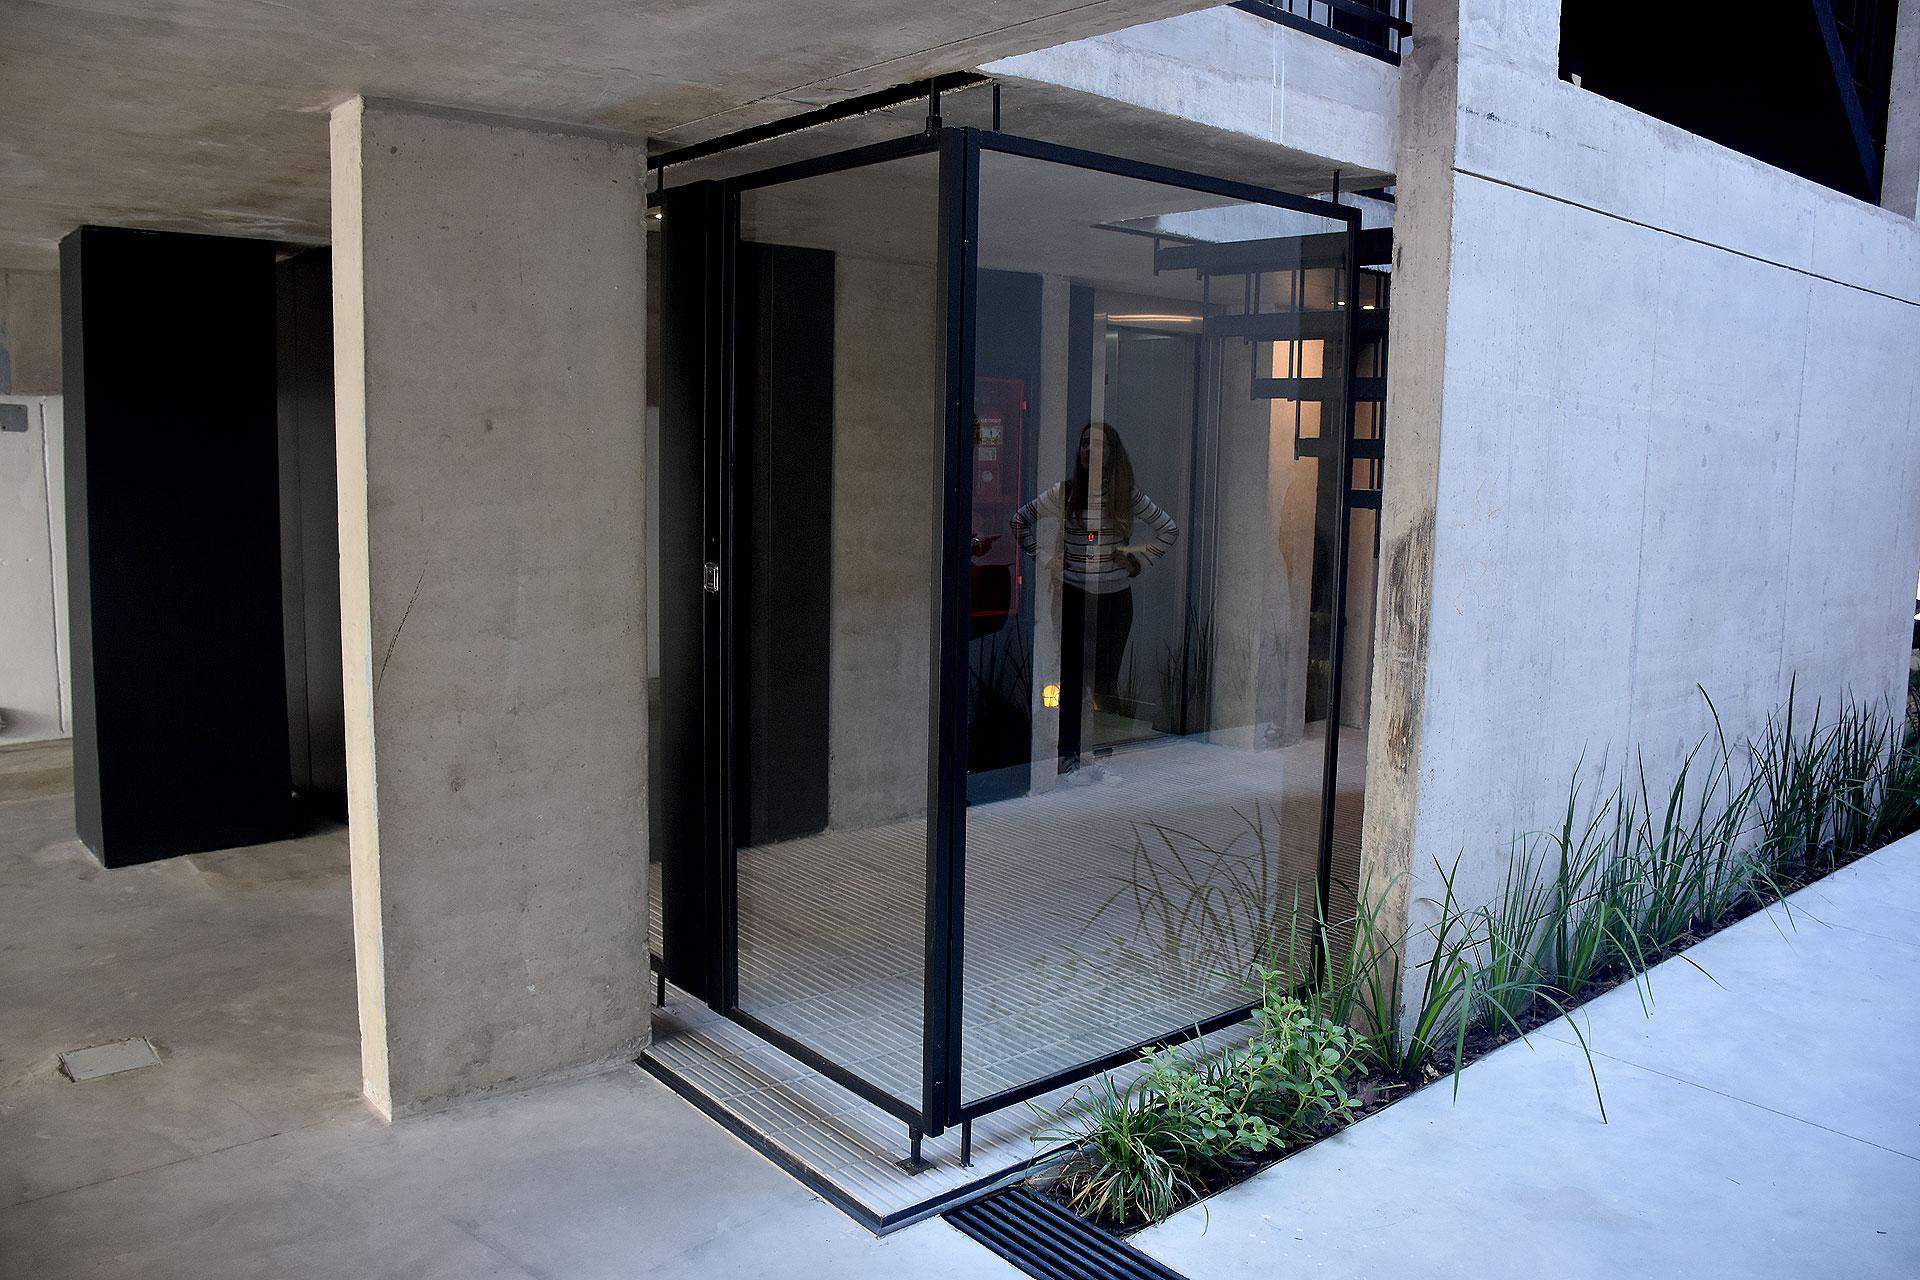 Retomando las tradiciones constructivas y los materiales presentes en el imaginario colectivo, se propone incorporar el ladrillo macizo como material en las fachadas exteriores y fachadas hacia el patio.